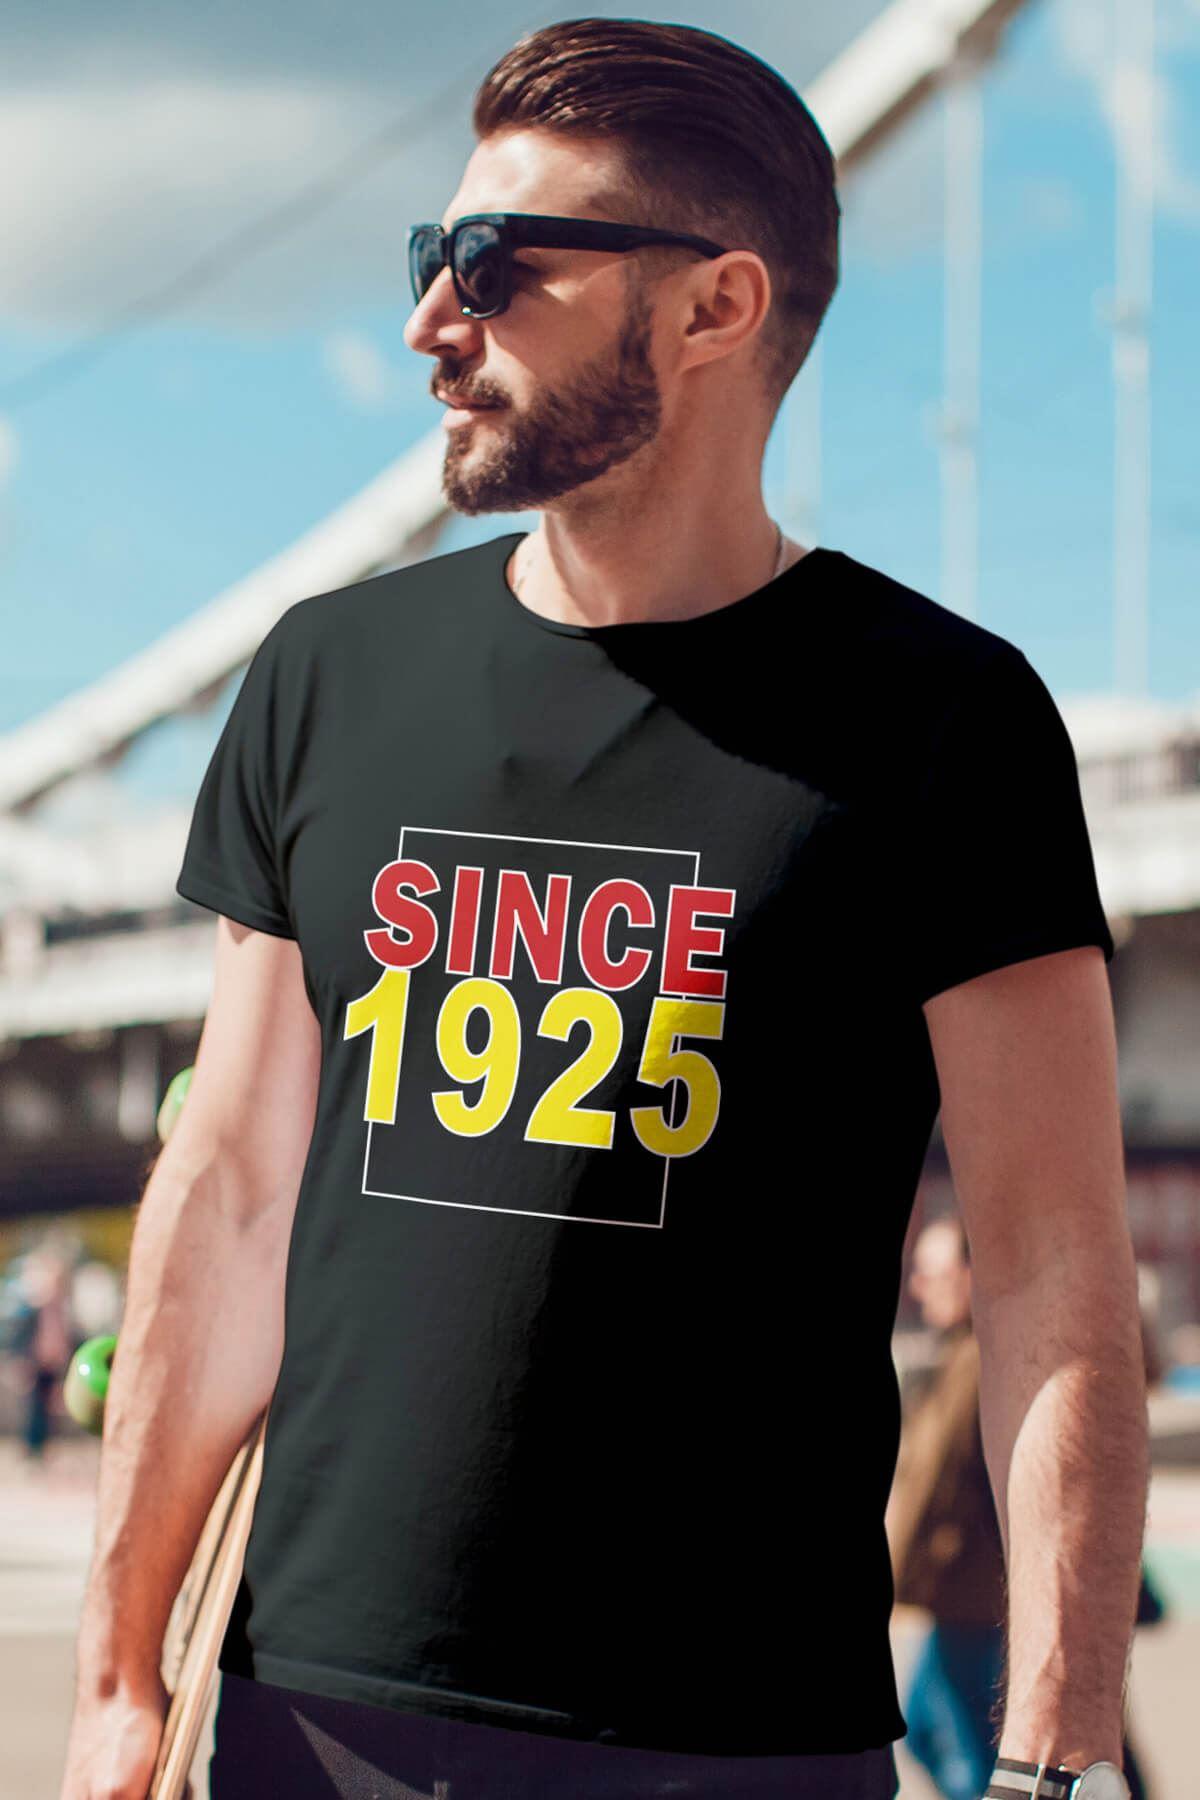 Since 1925 Siyah Erkek Tshirt - Tişört